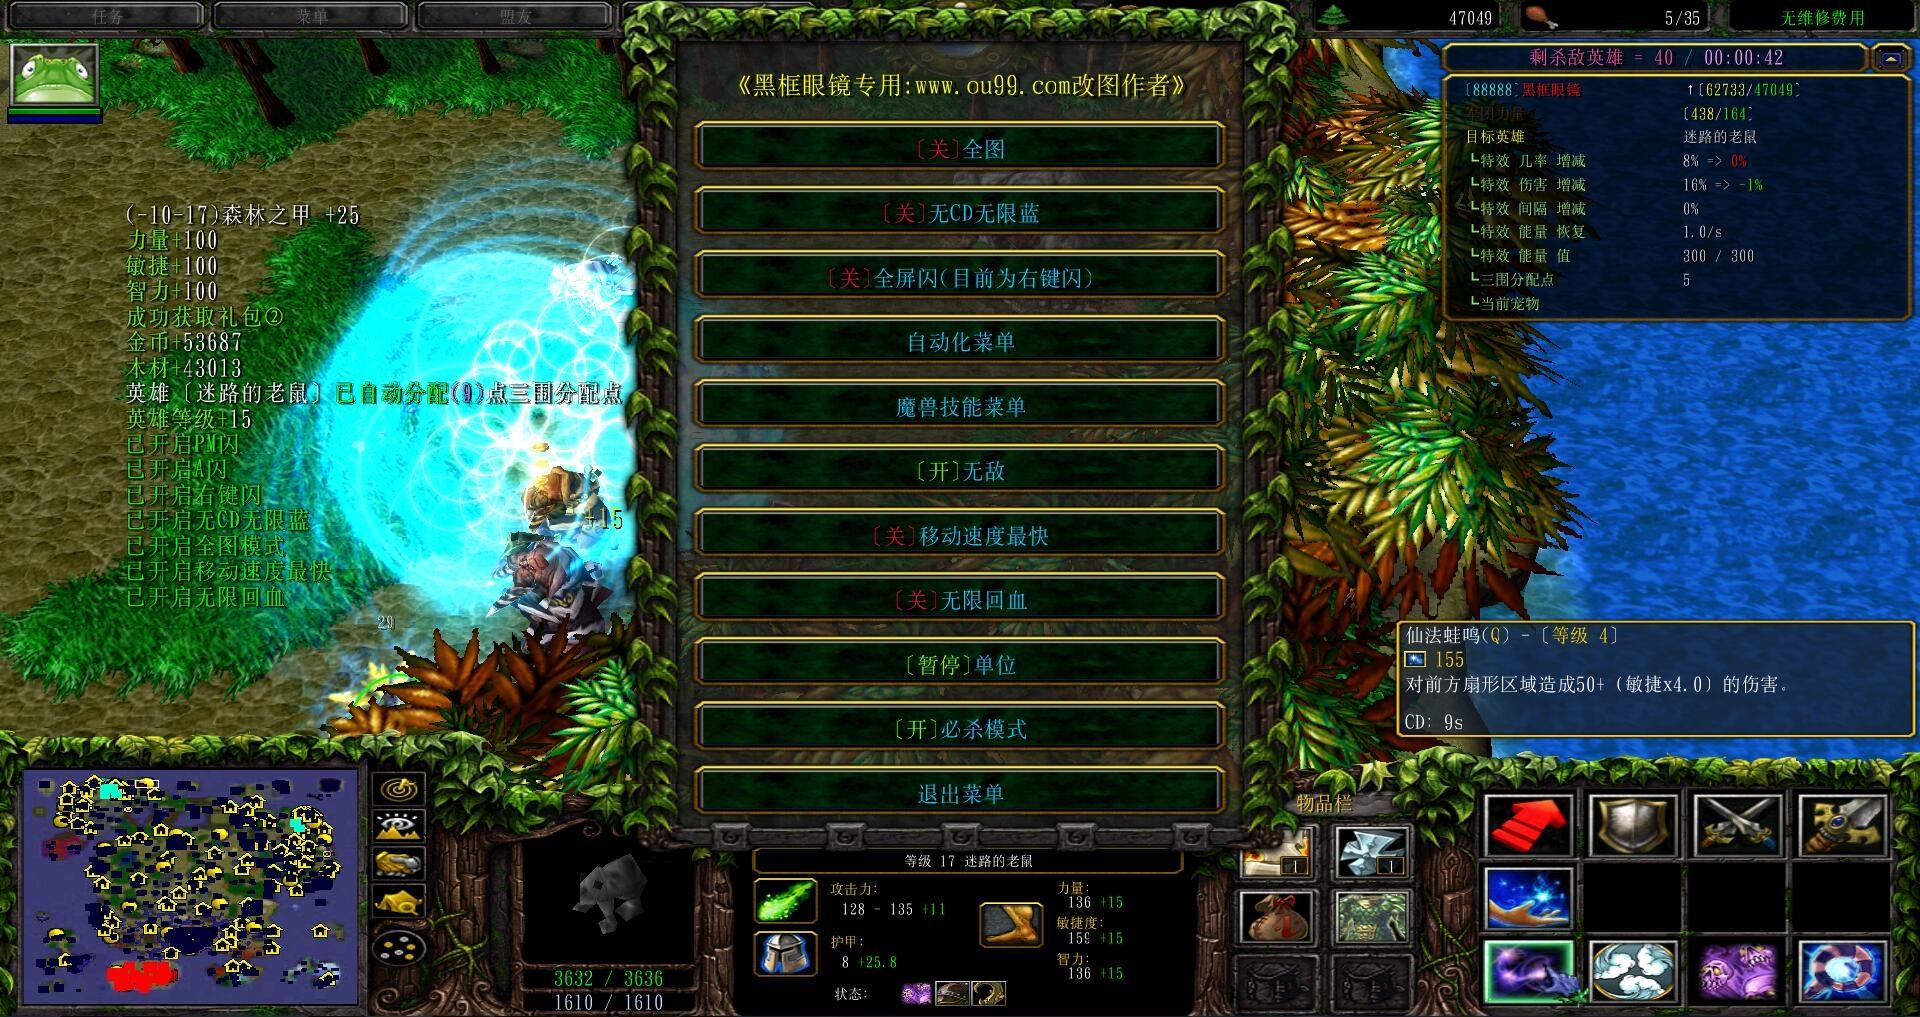 翡翠花园7.0.50特别版黑式破解